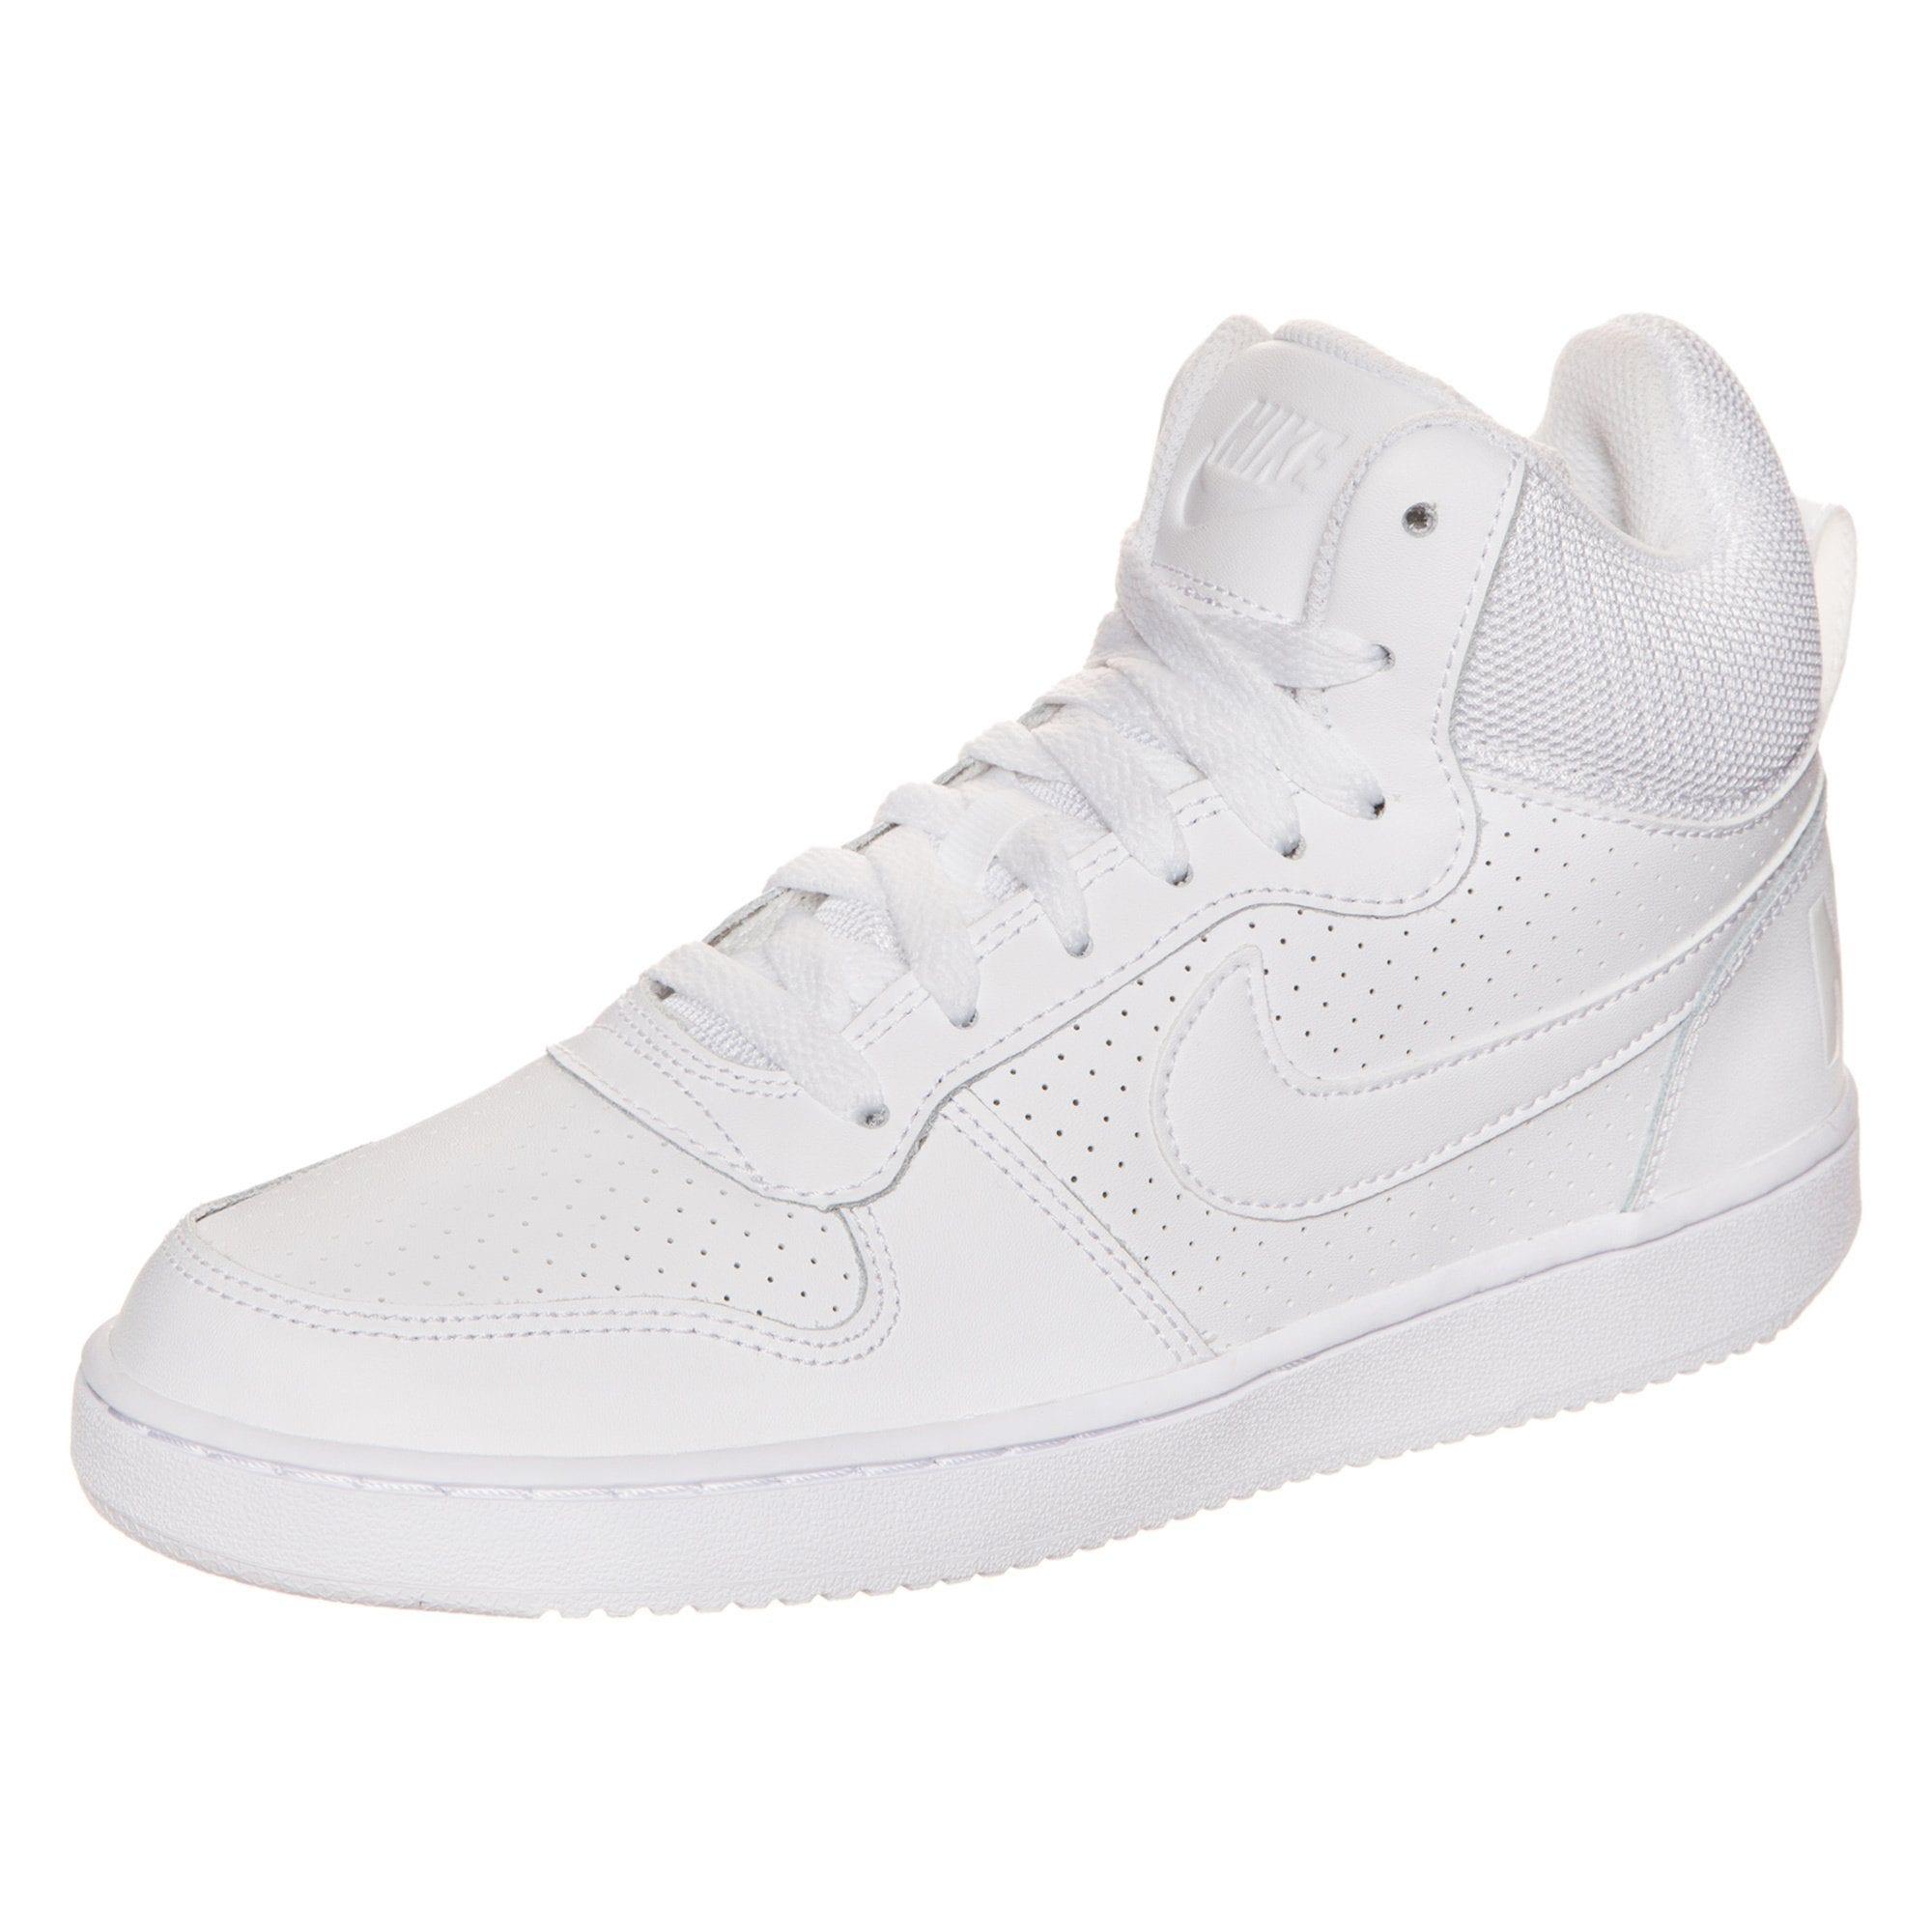 Nike Sportswear Court Borough Mid Sneaker Damen gnstig kaufen | Gutes Preis-Leistungs-Verhältnis, es lohnt sich